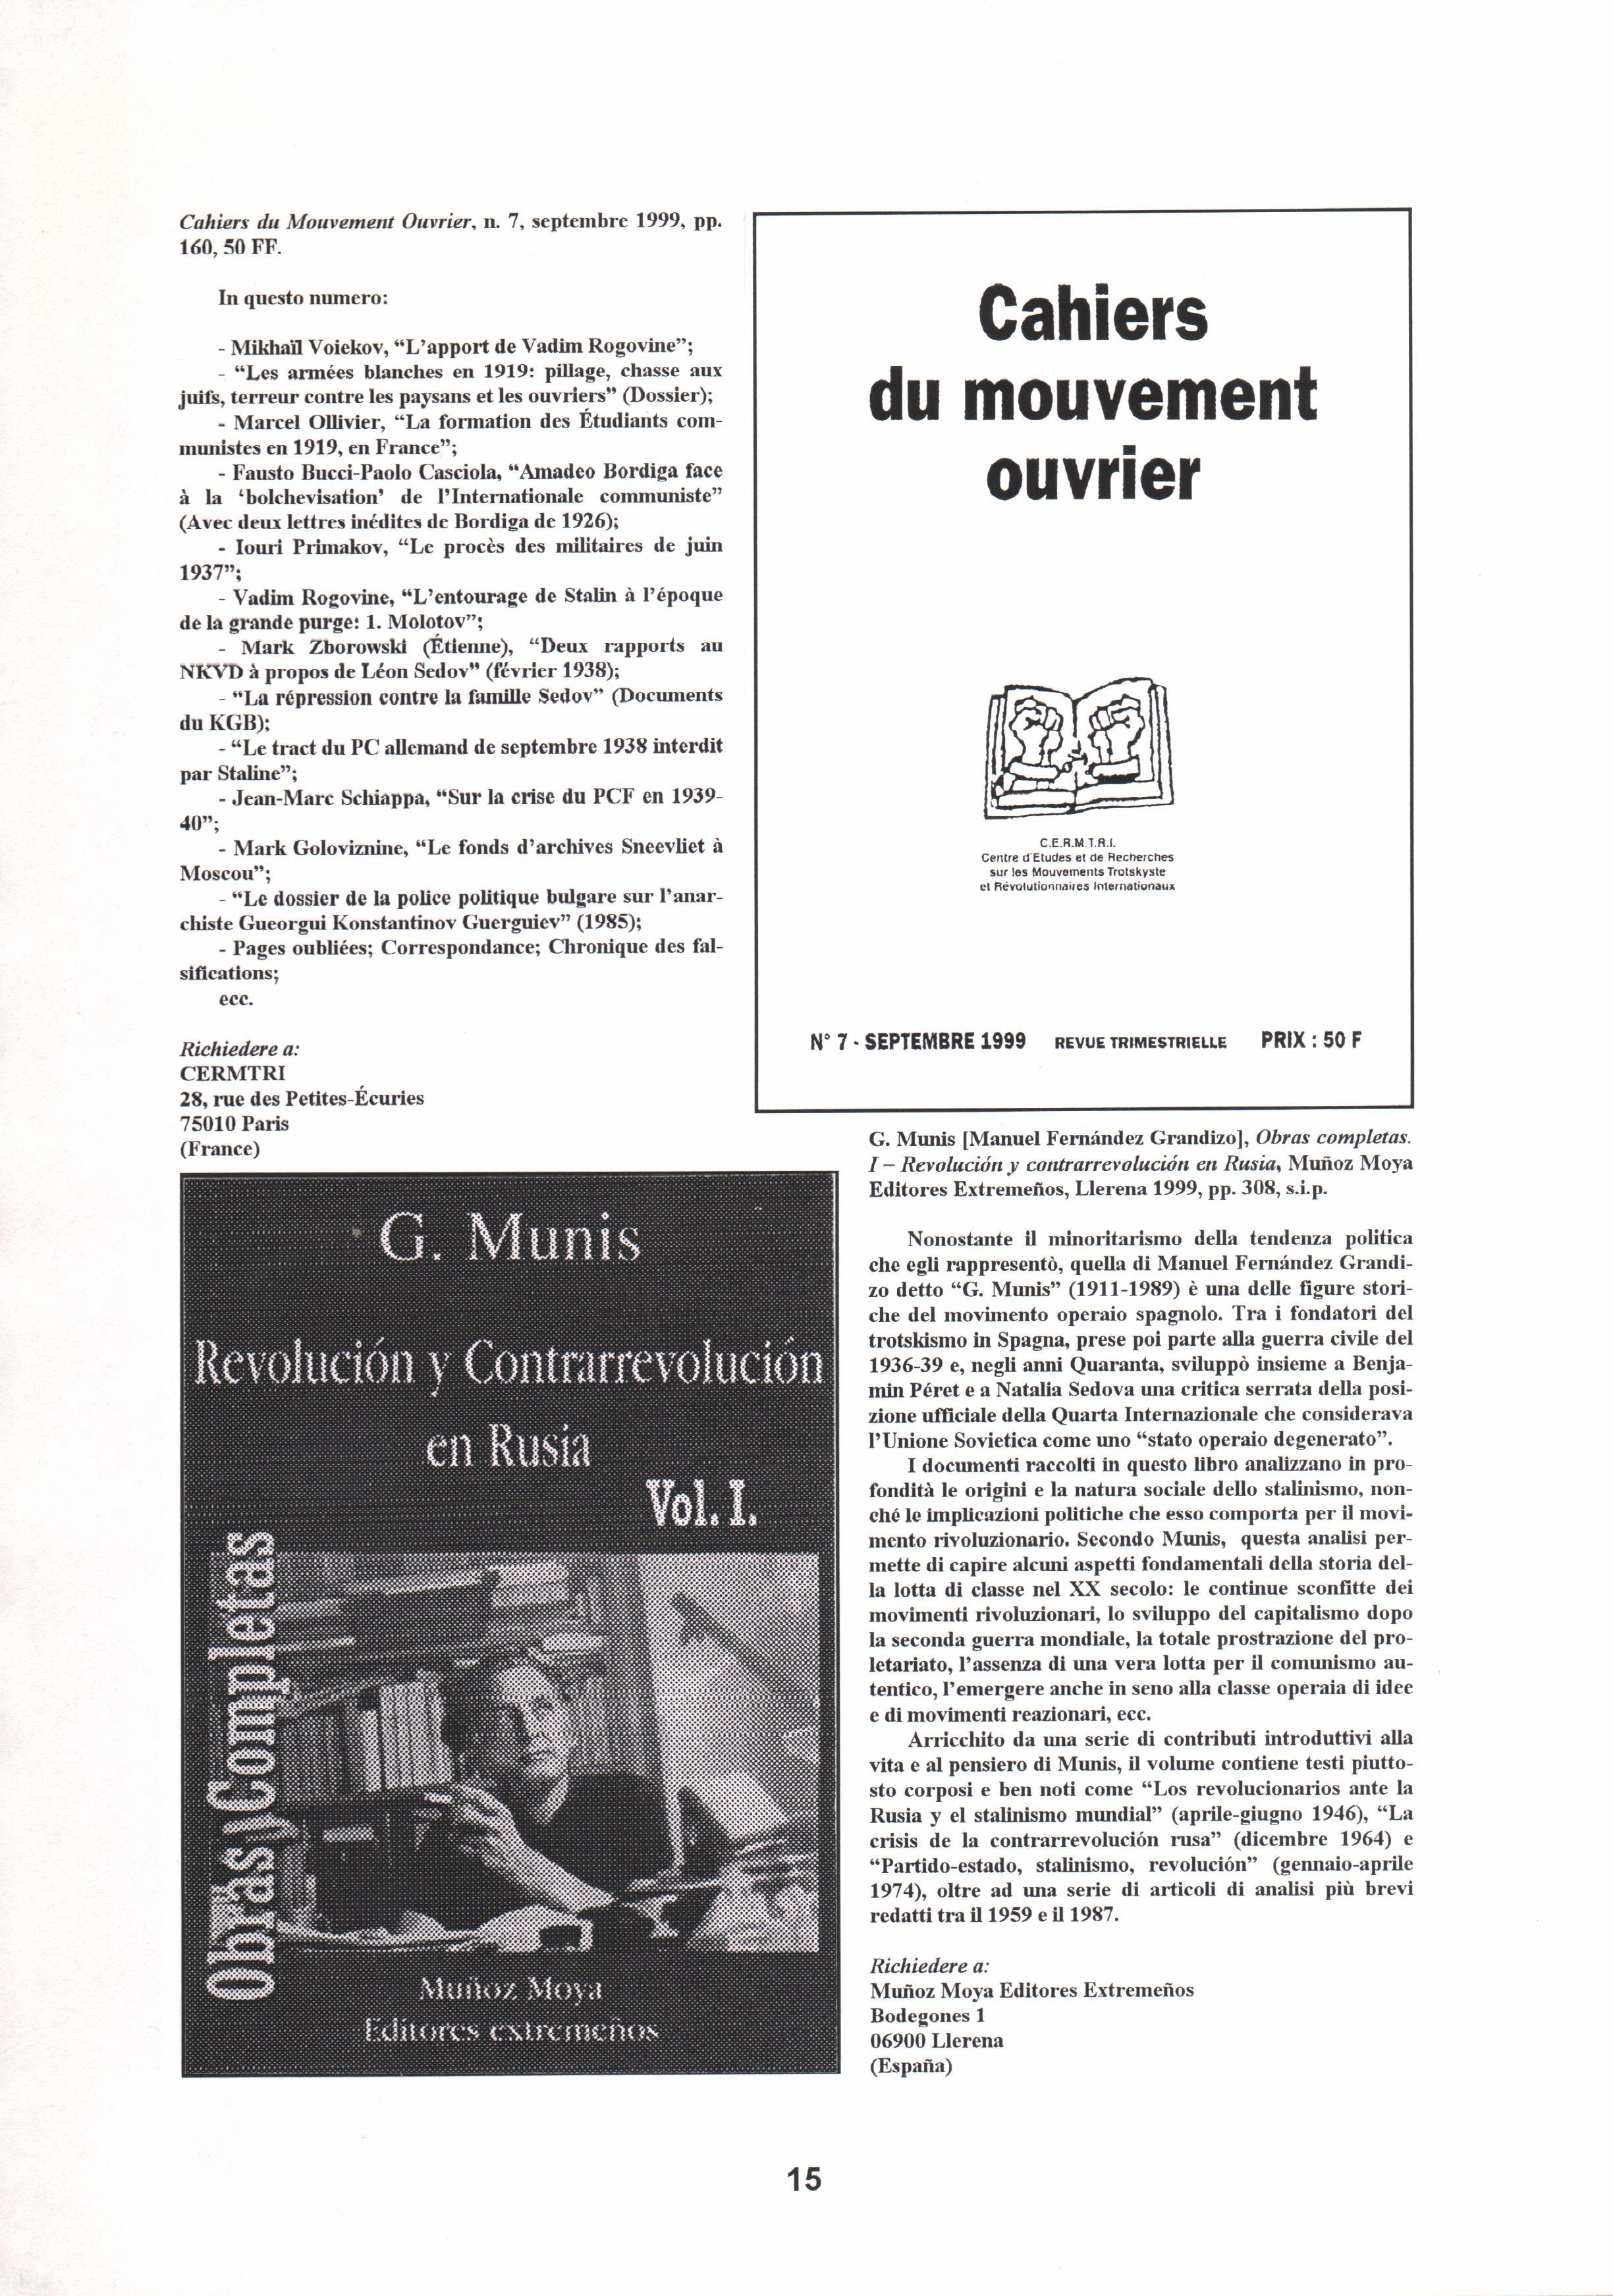 Quaderno n. 20 - pag. 16